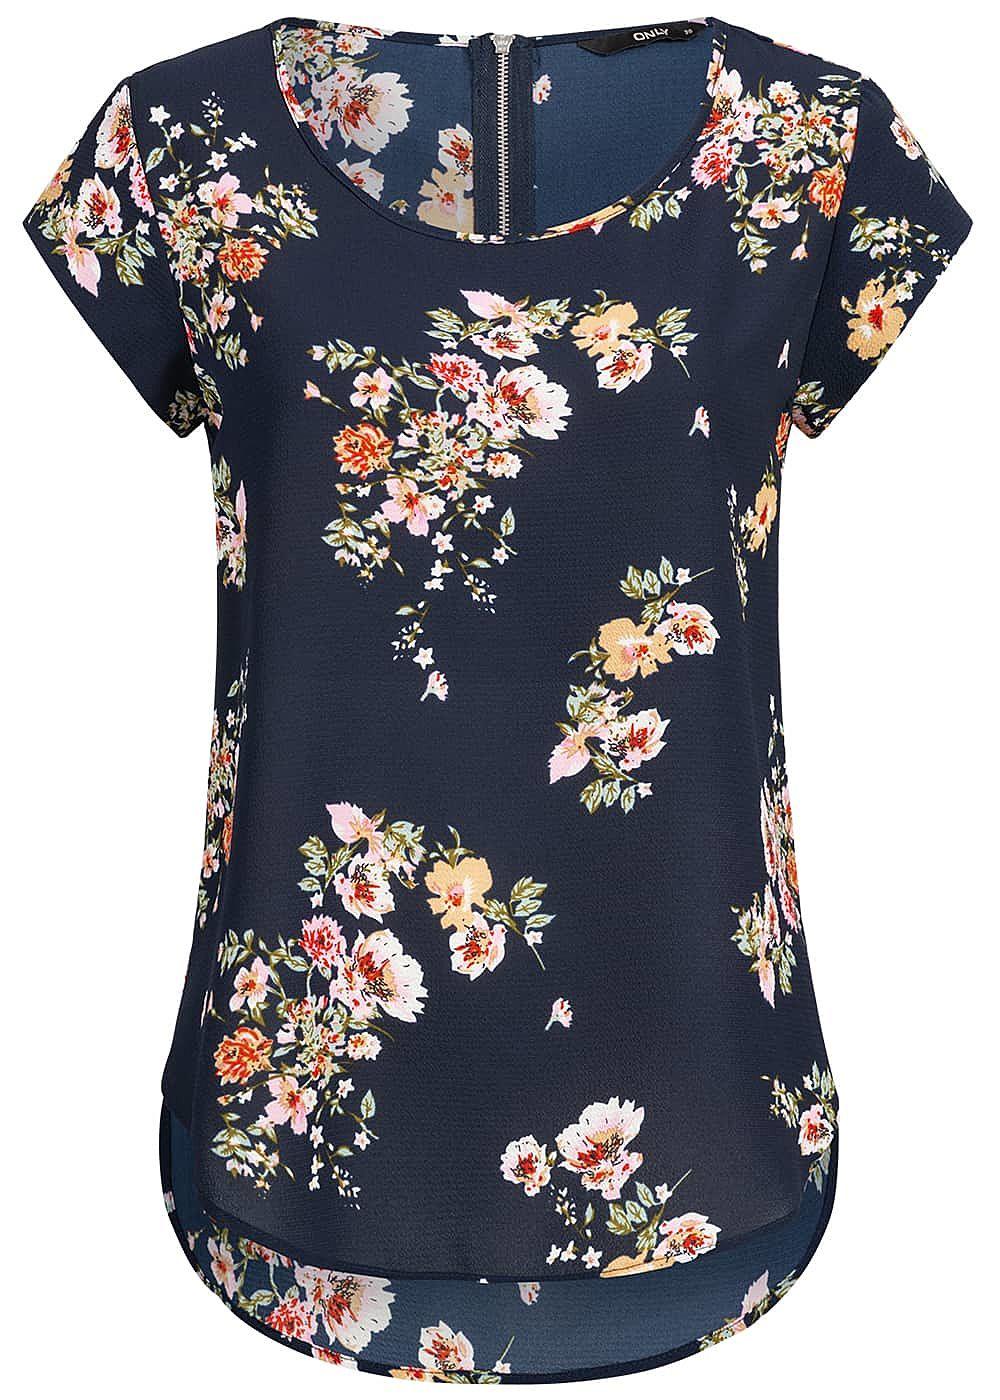 950b8513dd6183 ONLY Damen Blouse Shirt Zipper Flower Print NOOS night sky navy blau ...